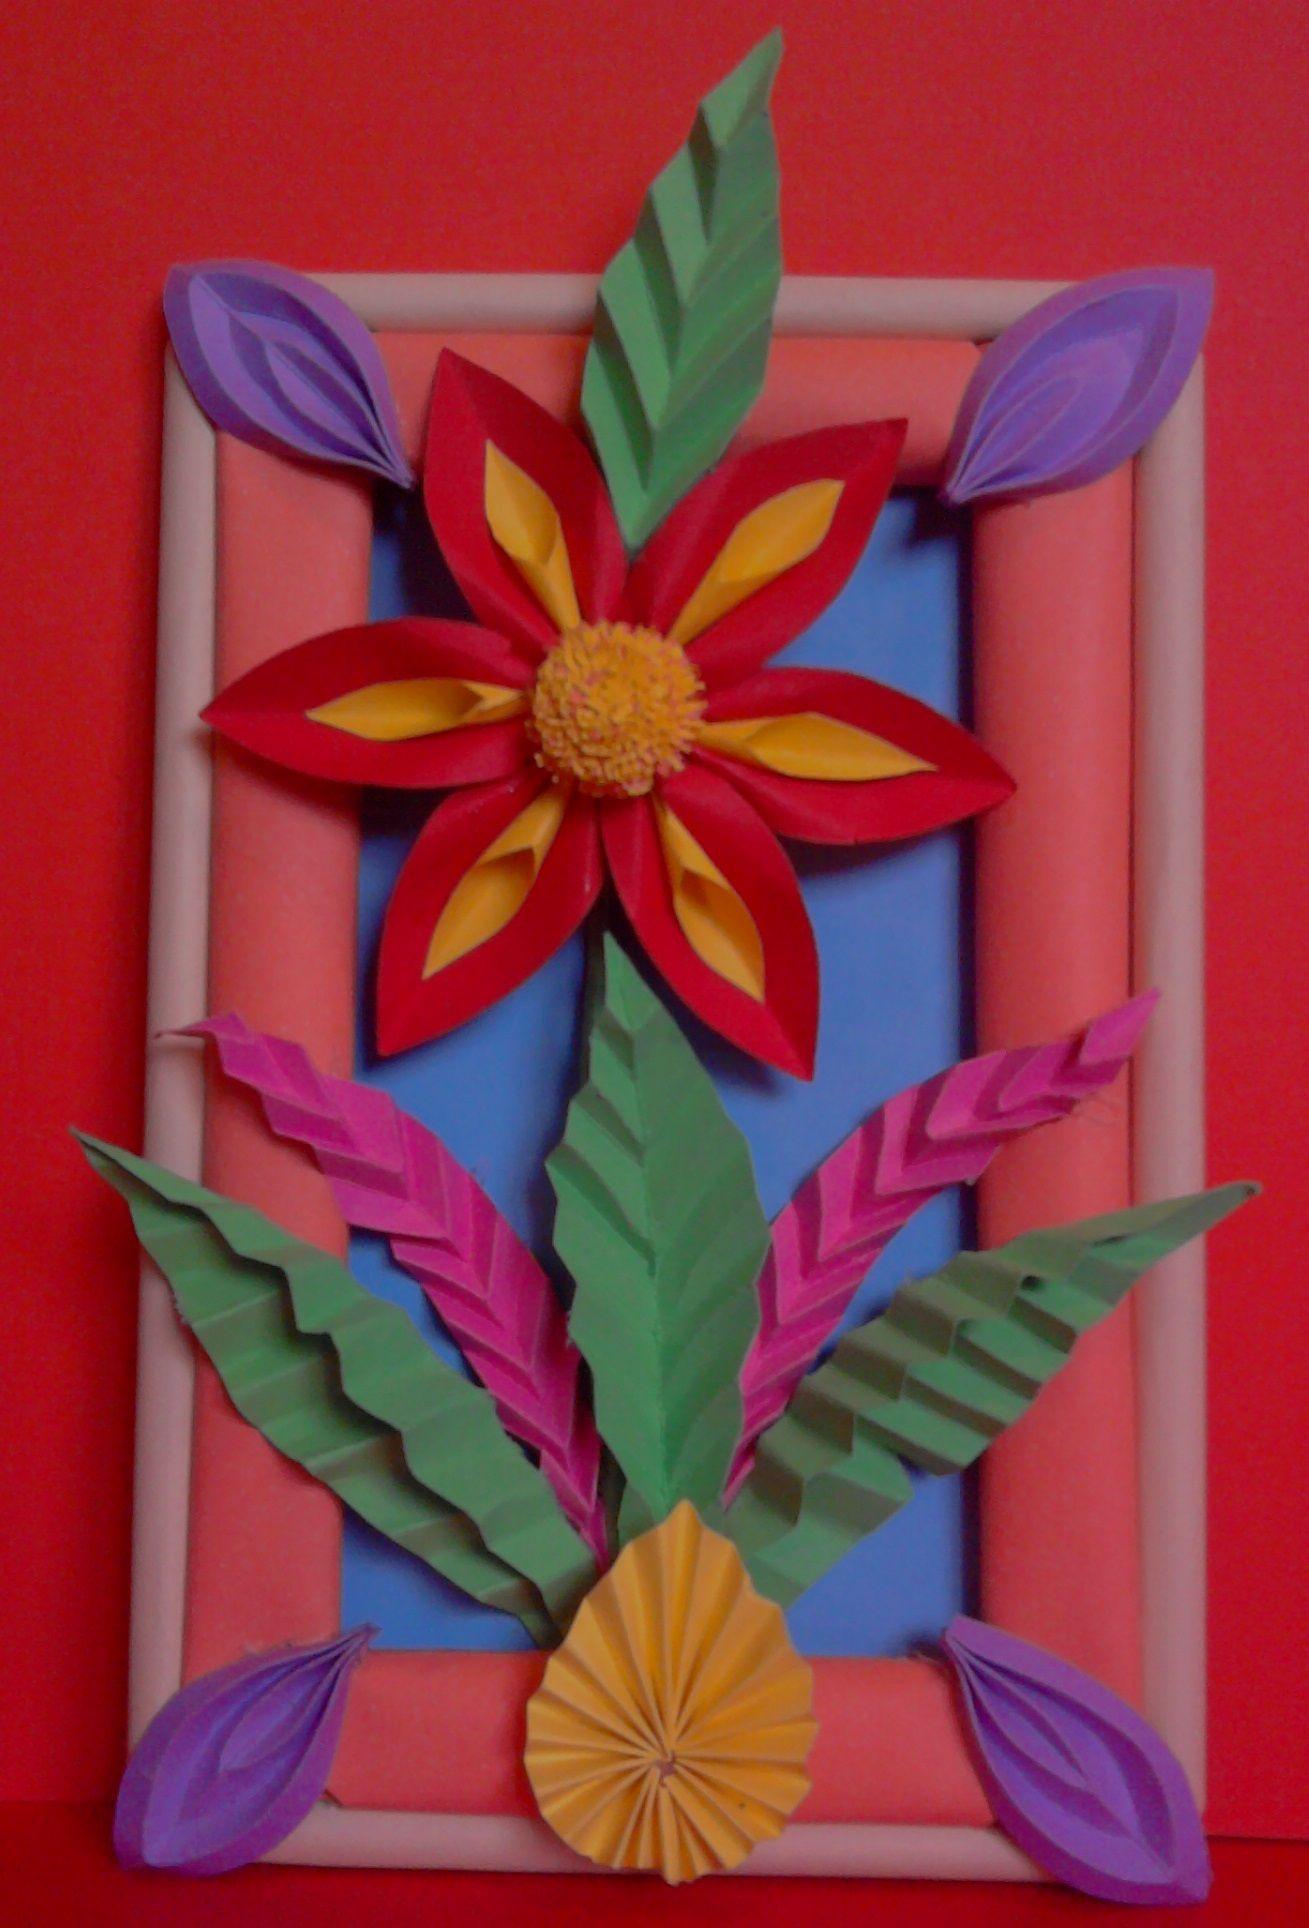 Kwiaty Z Papieru Ikebana Prace Plastyczne Dariusz Zolynski Flowers Paper Paper Flowers Orgiami Kirigami Paper Flowers Quilling Flowers Paper Crafts